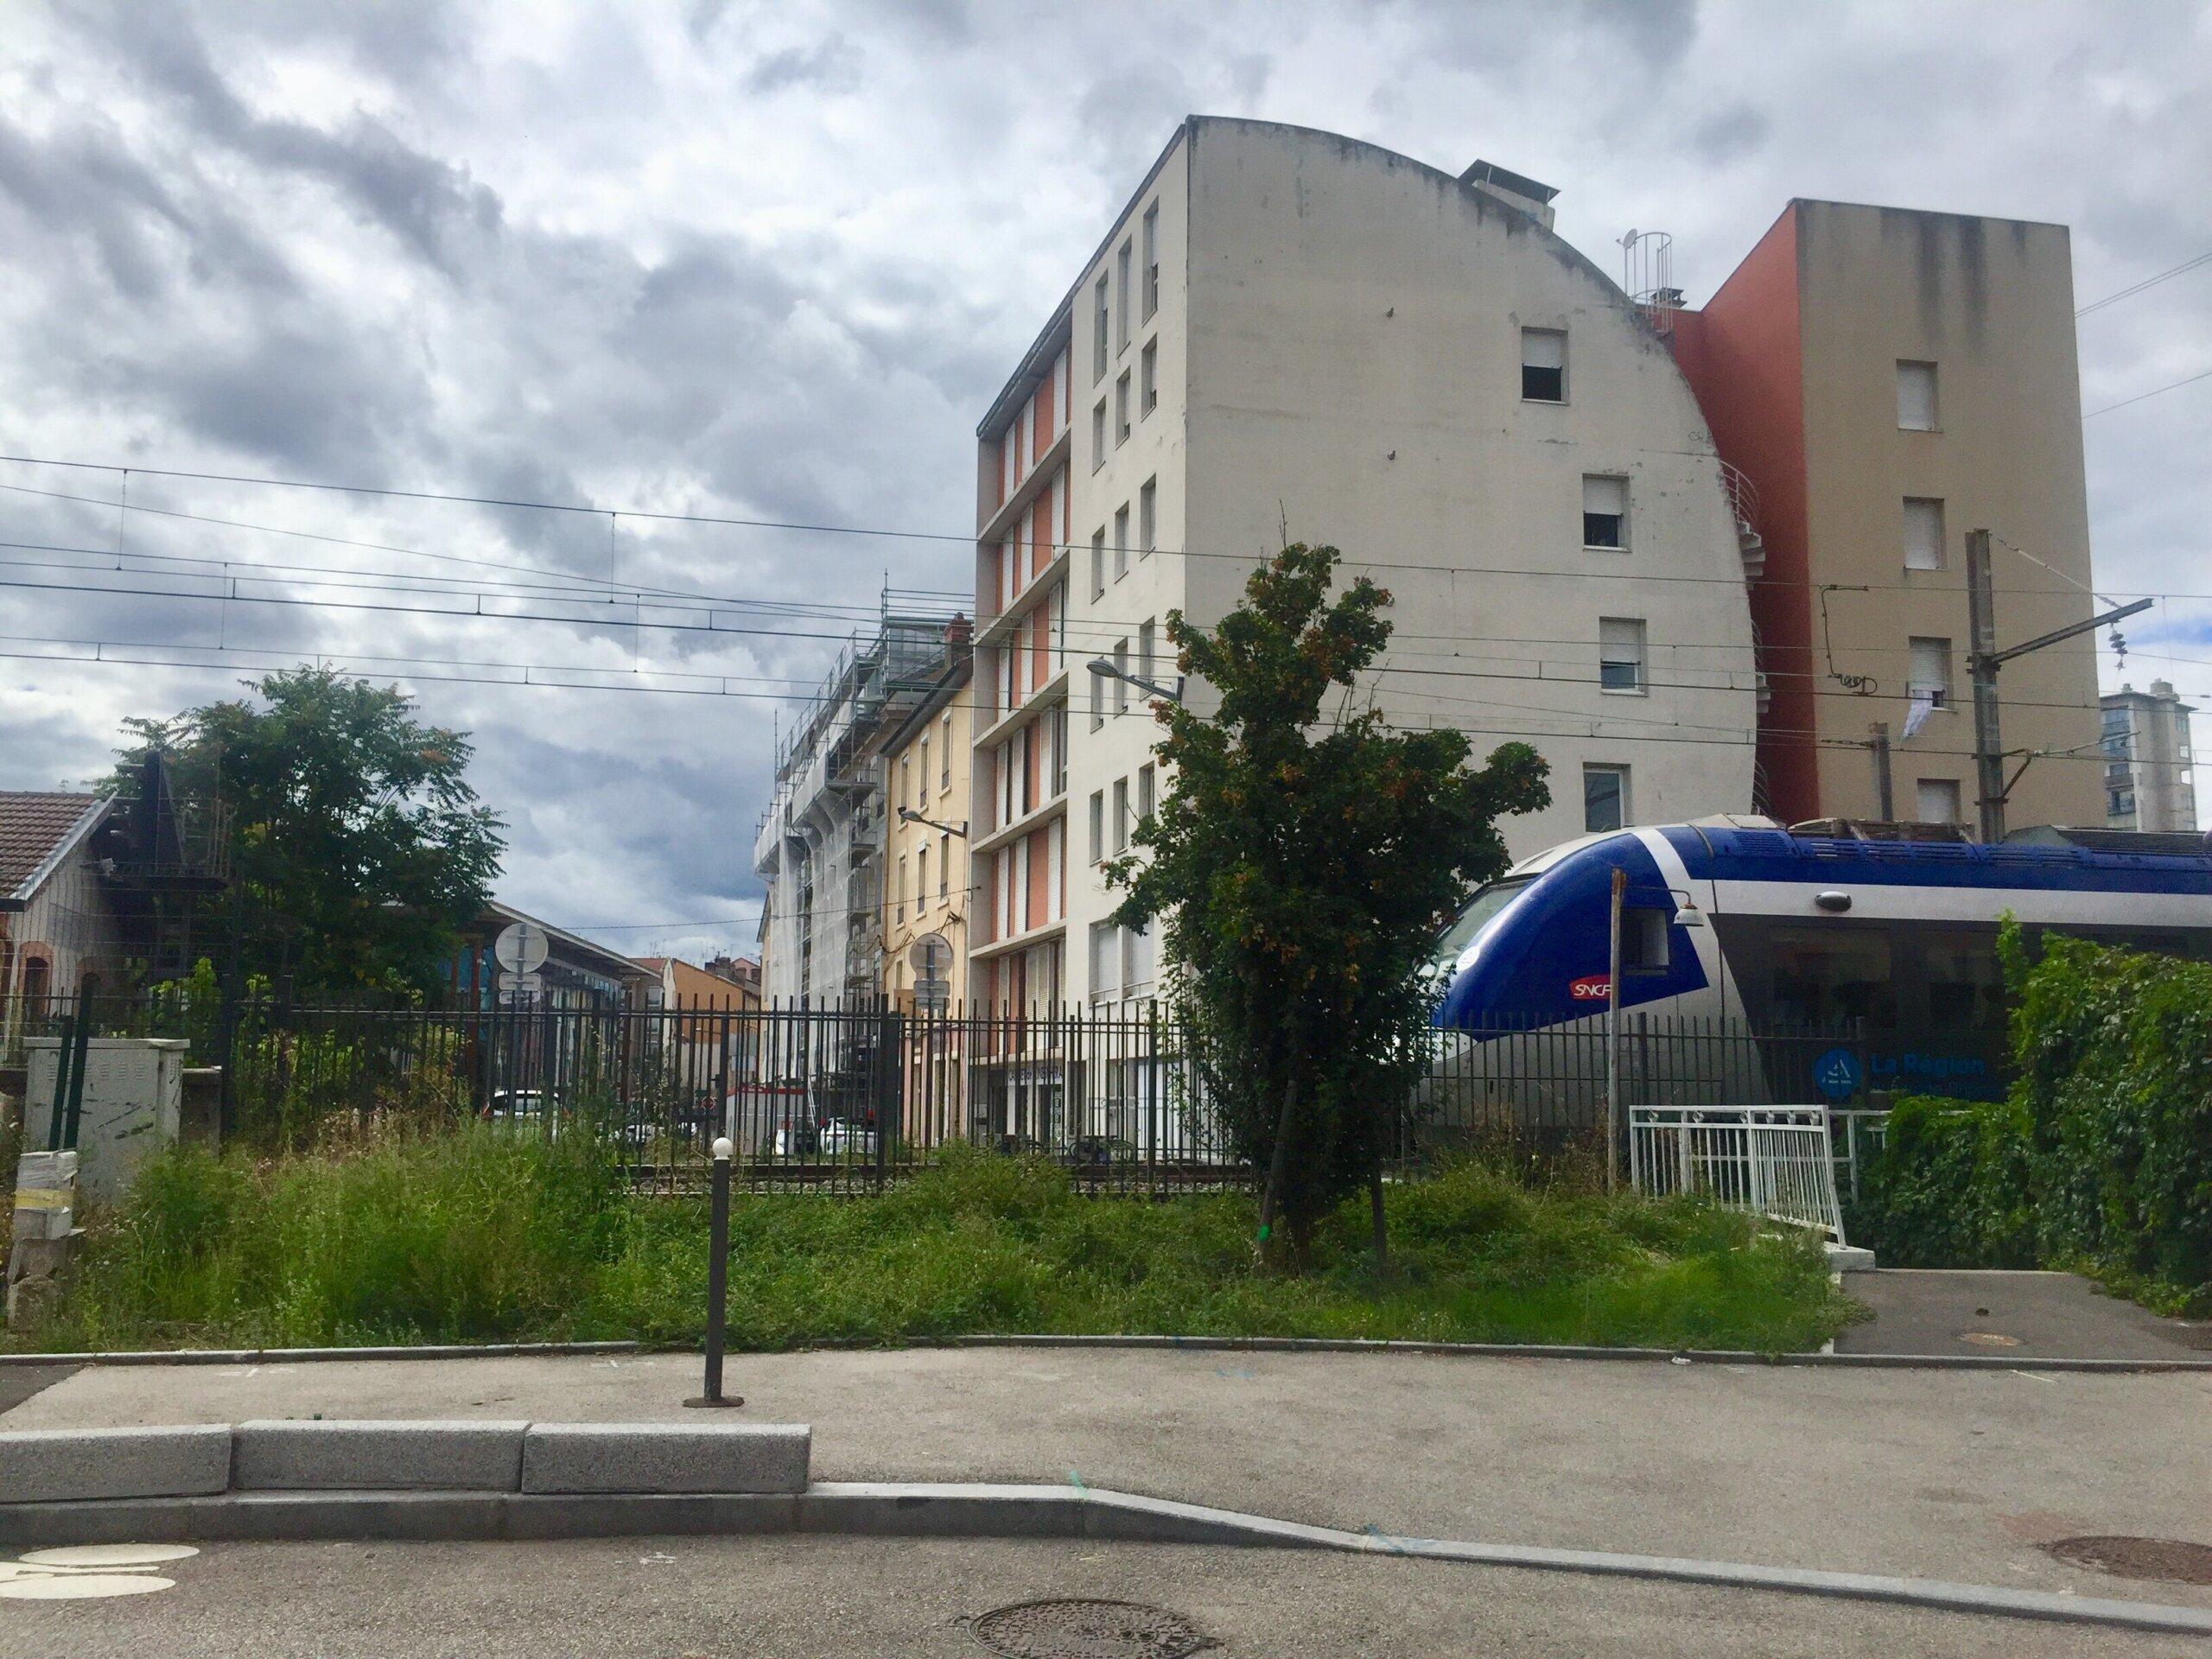 train voie ferrée entrée quartier Saulaie Oullins